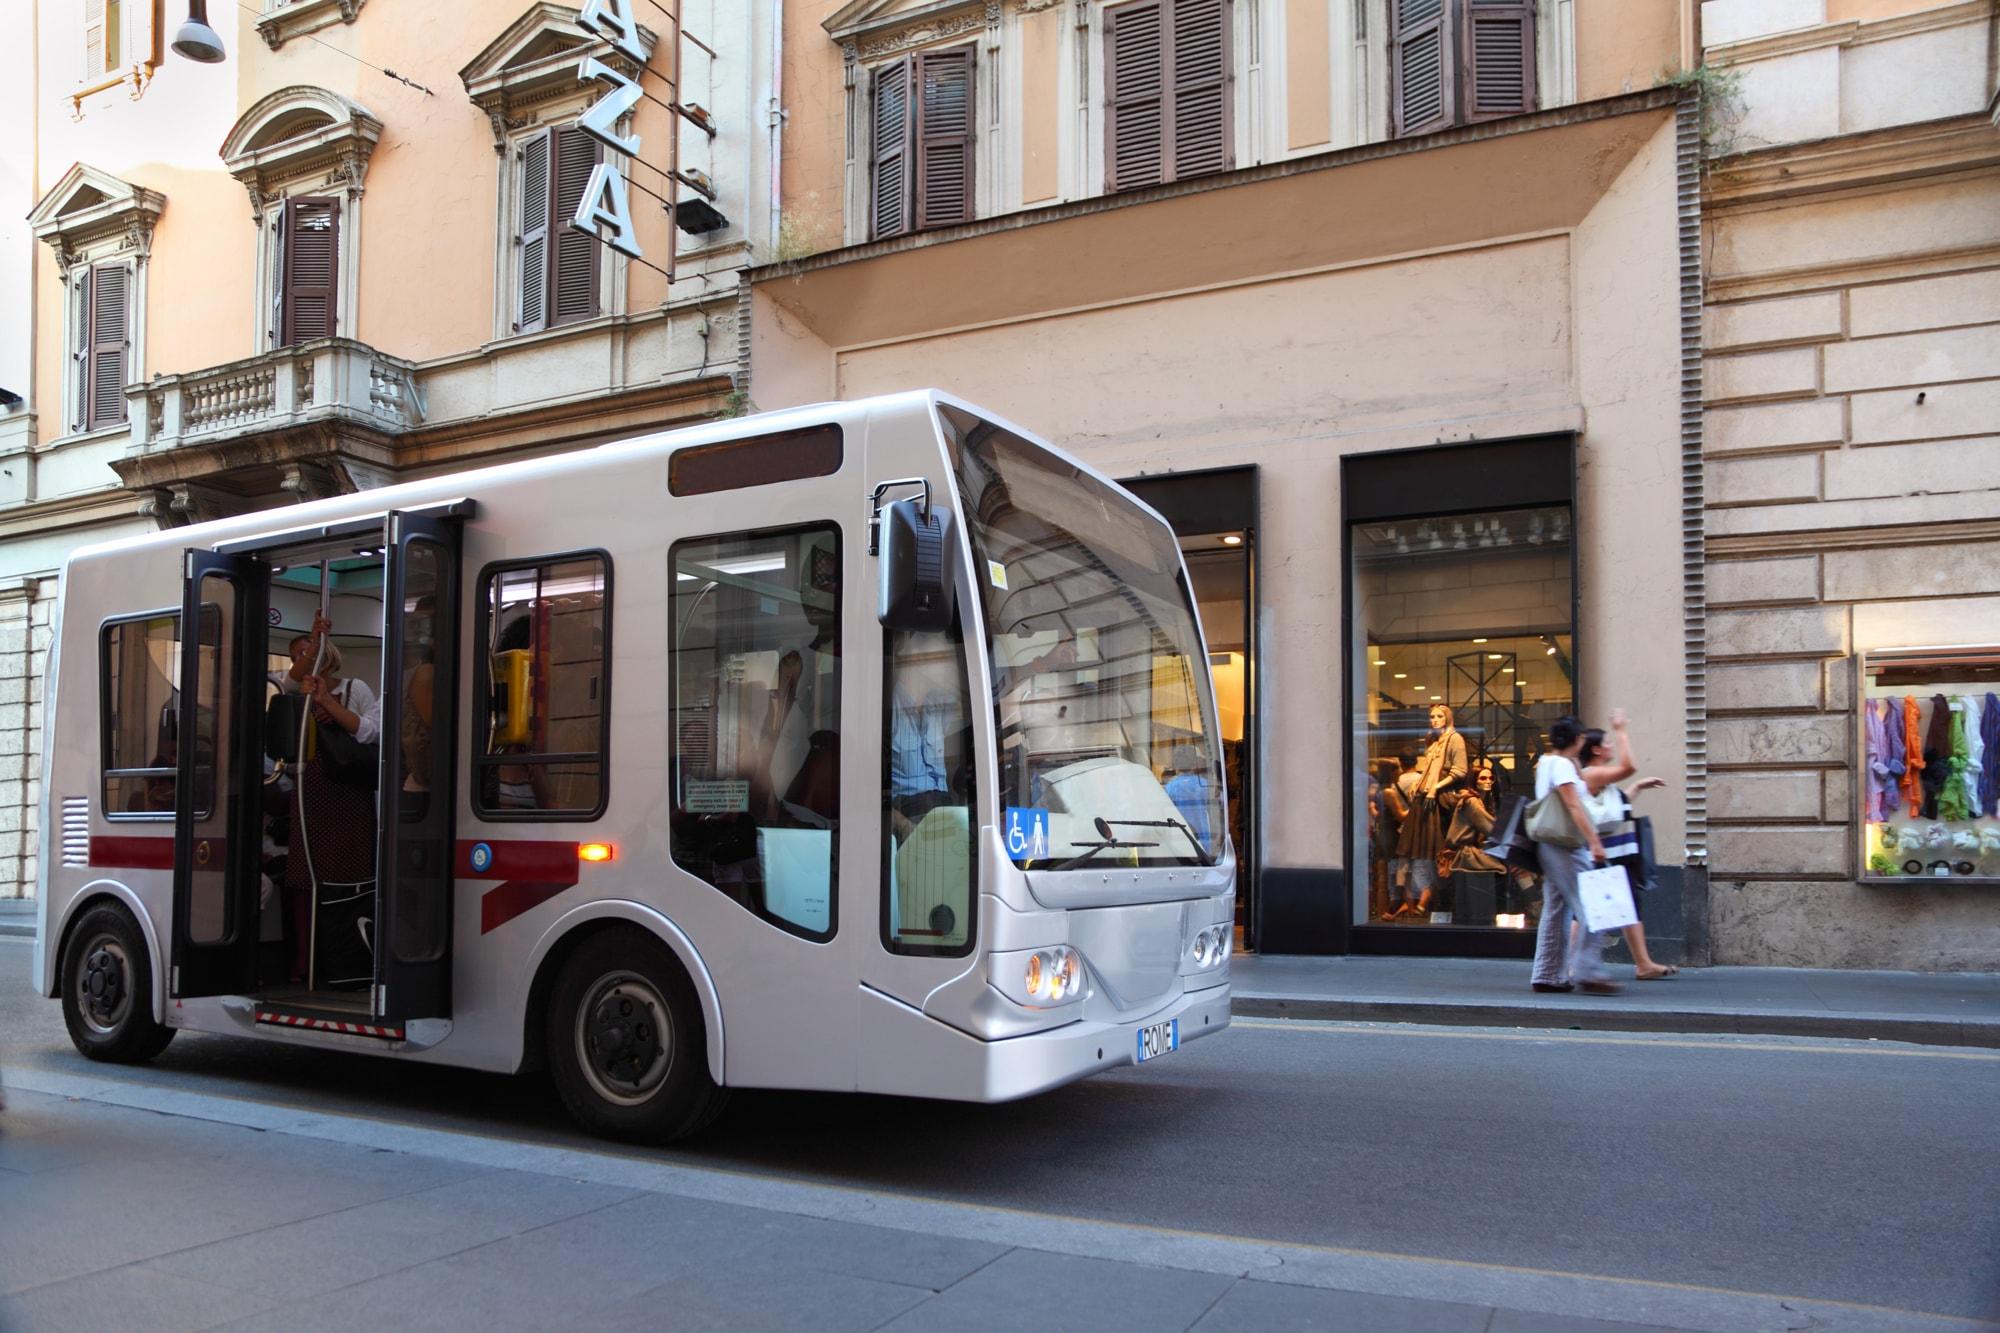 イタリア文化 交通手段